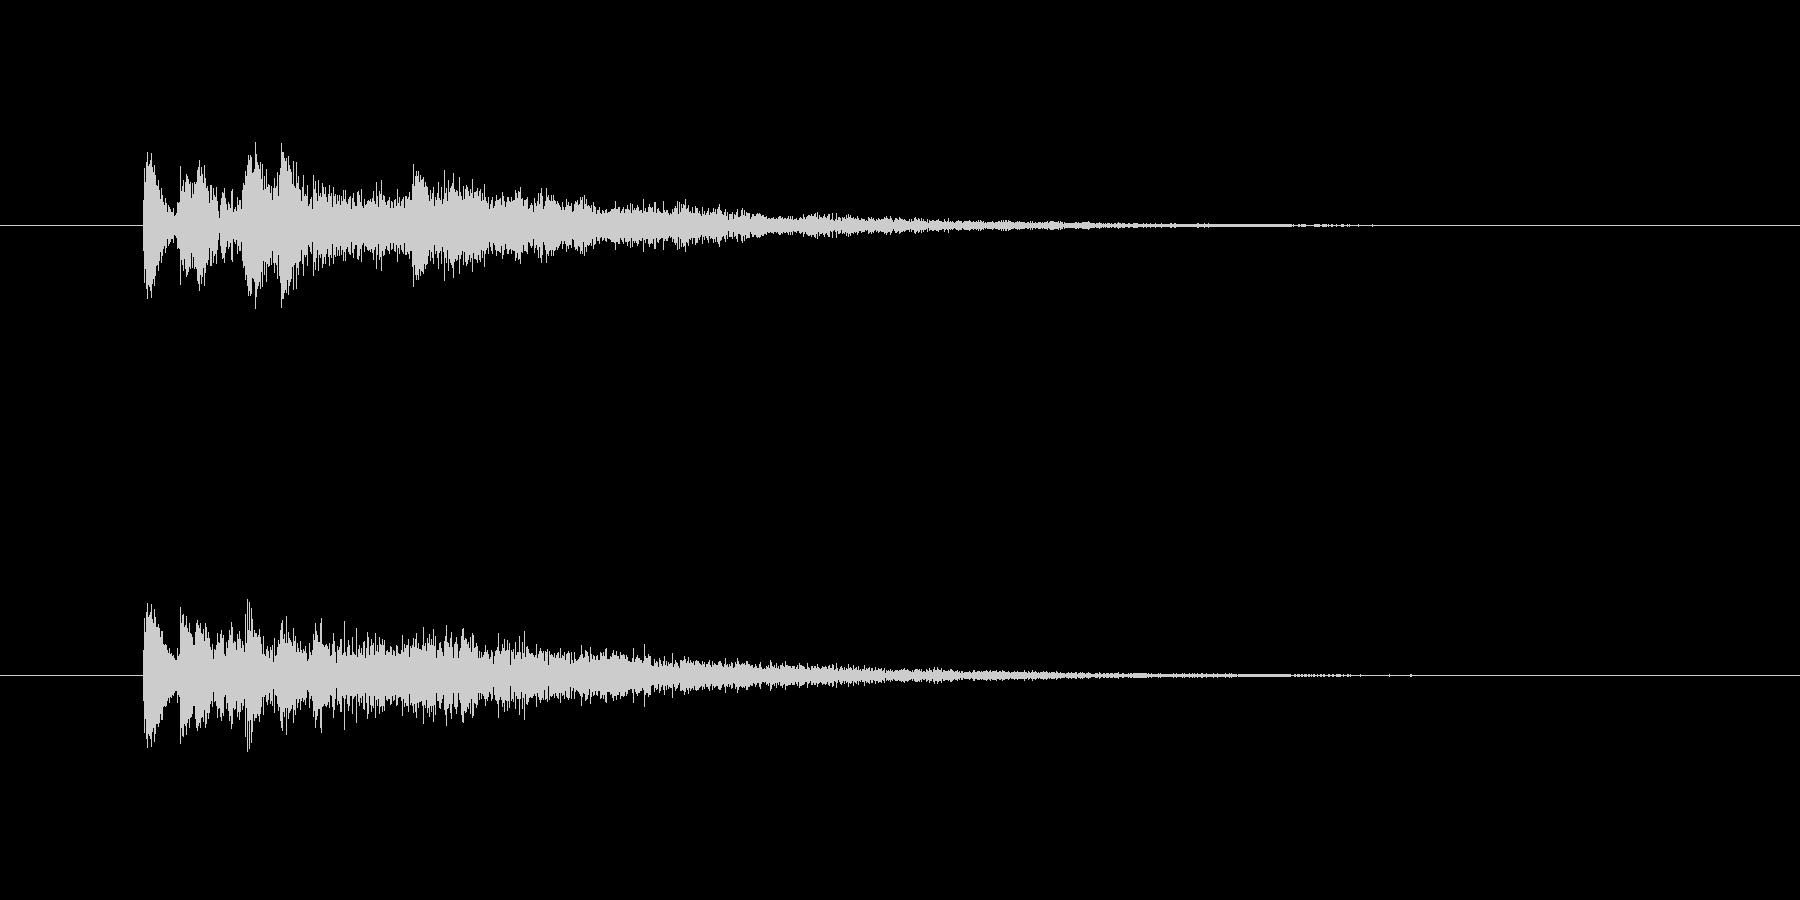 やや機械的で優しい雰囲気のあるサウンド…の未再生の波形